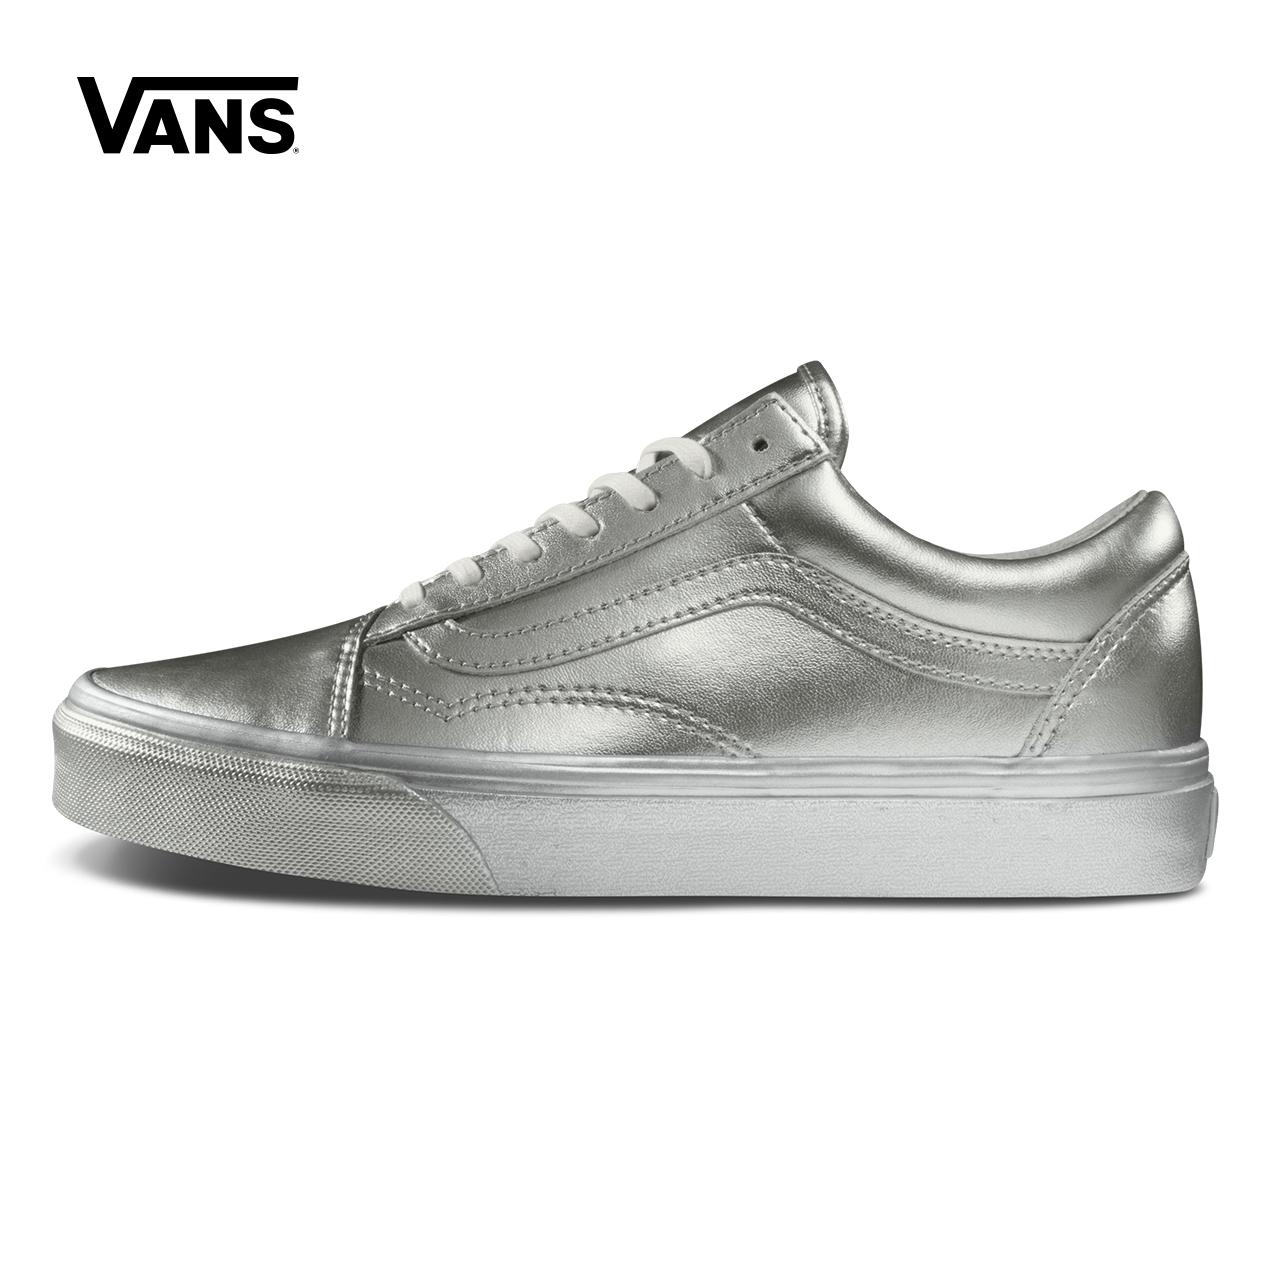 Vans 范斯官方女款OLD SKOOL板鞋|VN0A38G1QTV-QUM